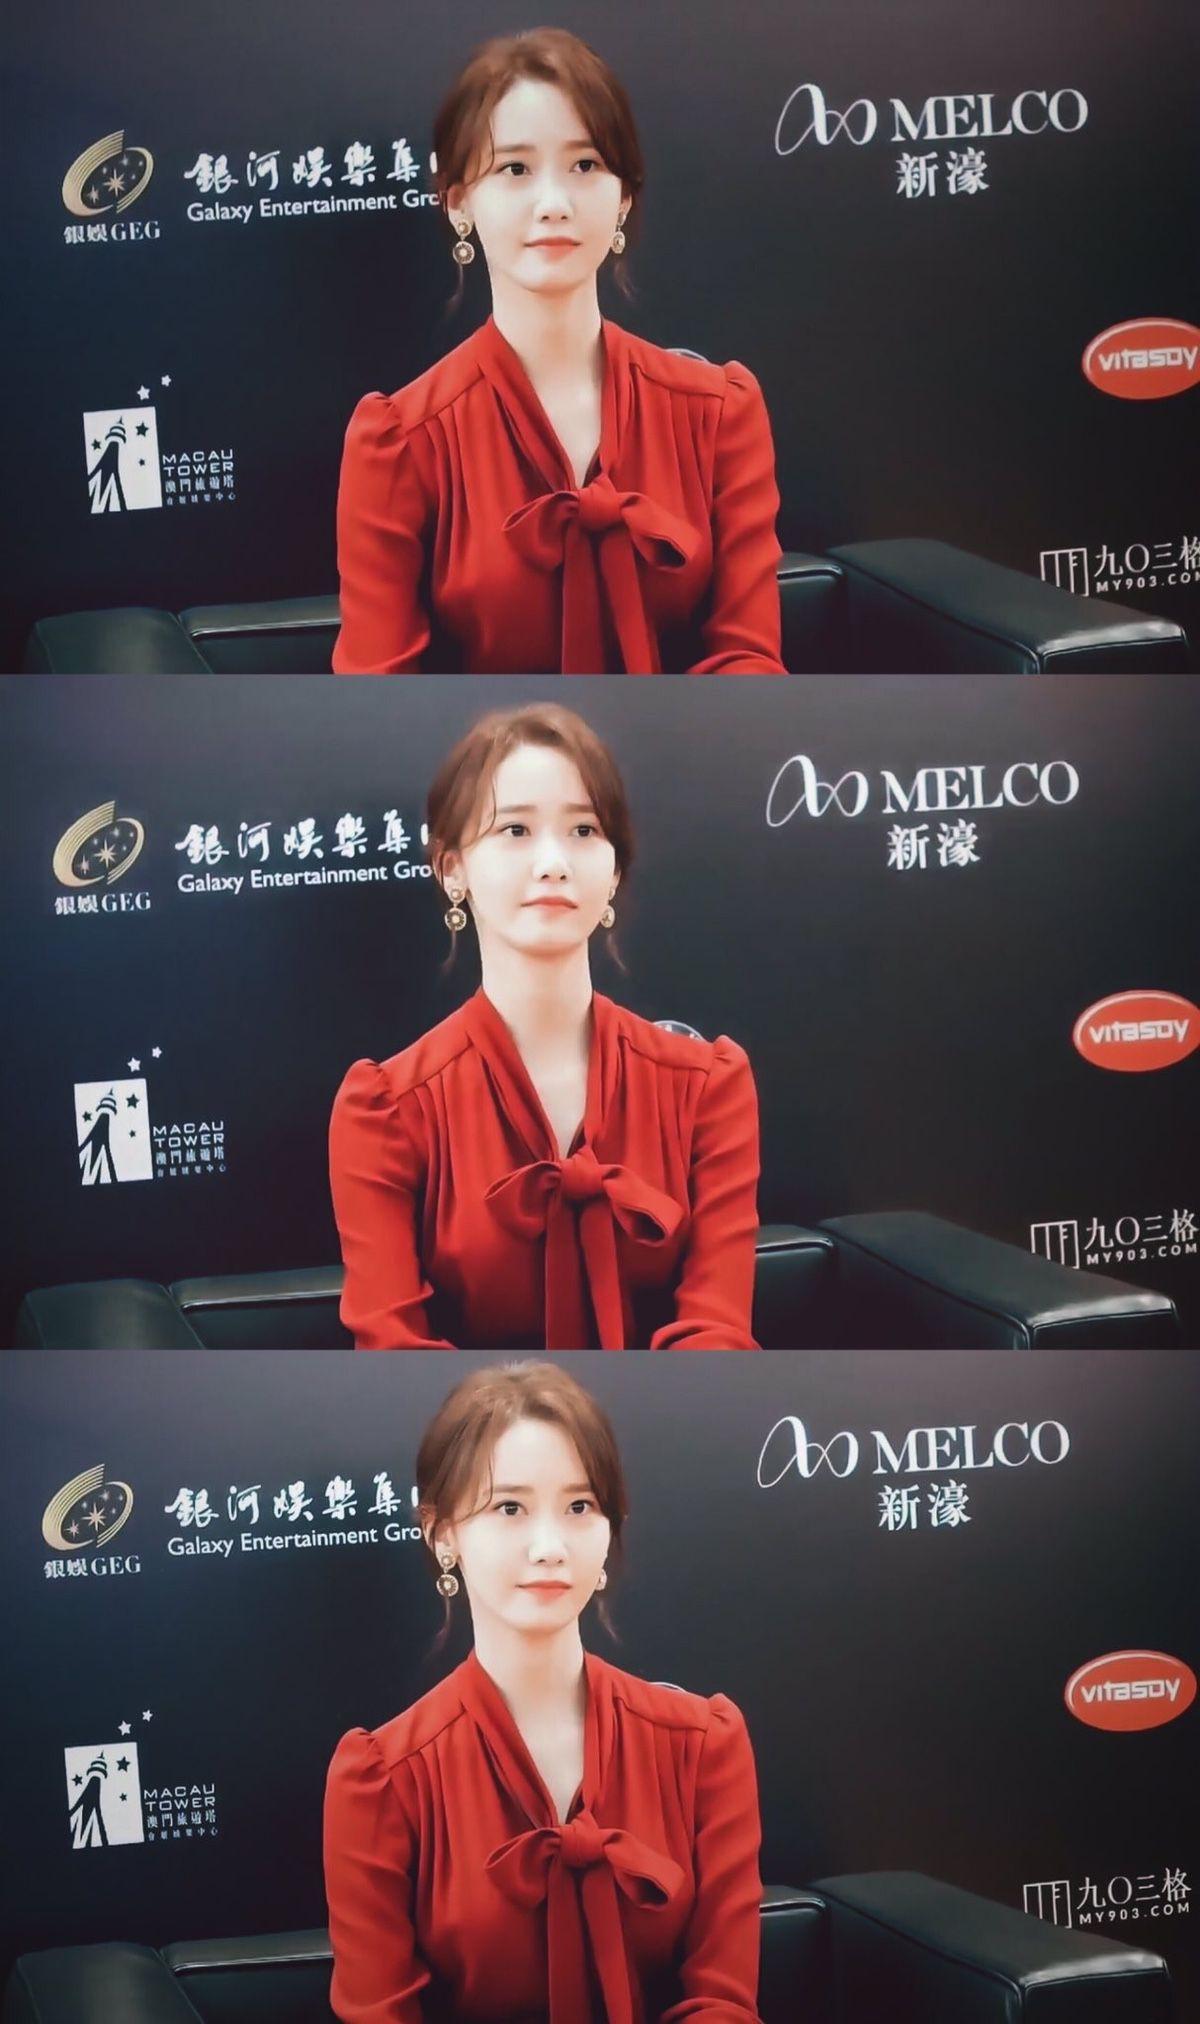 Bị chê có quá nhiều khuyết điểm, Yoona chứng minh: Vẻ đẹp vạn người mê nằm ở khí chất! - Ảnh 9.